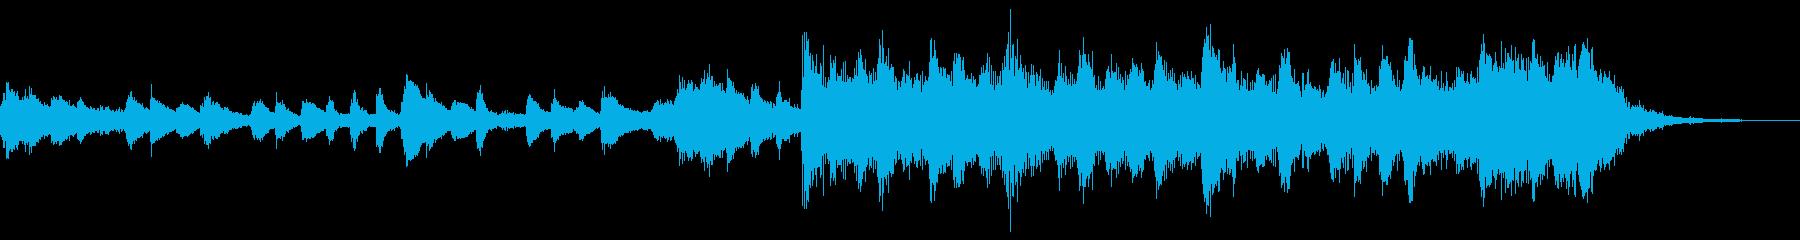 感動壮大ポジティブオーケストラエピックeの再生済みの波形